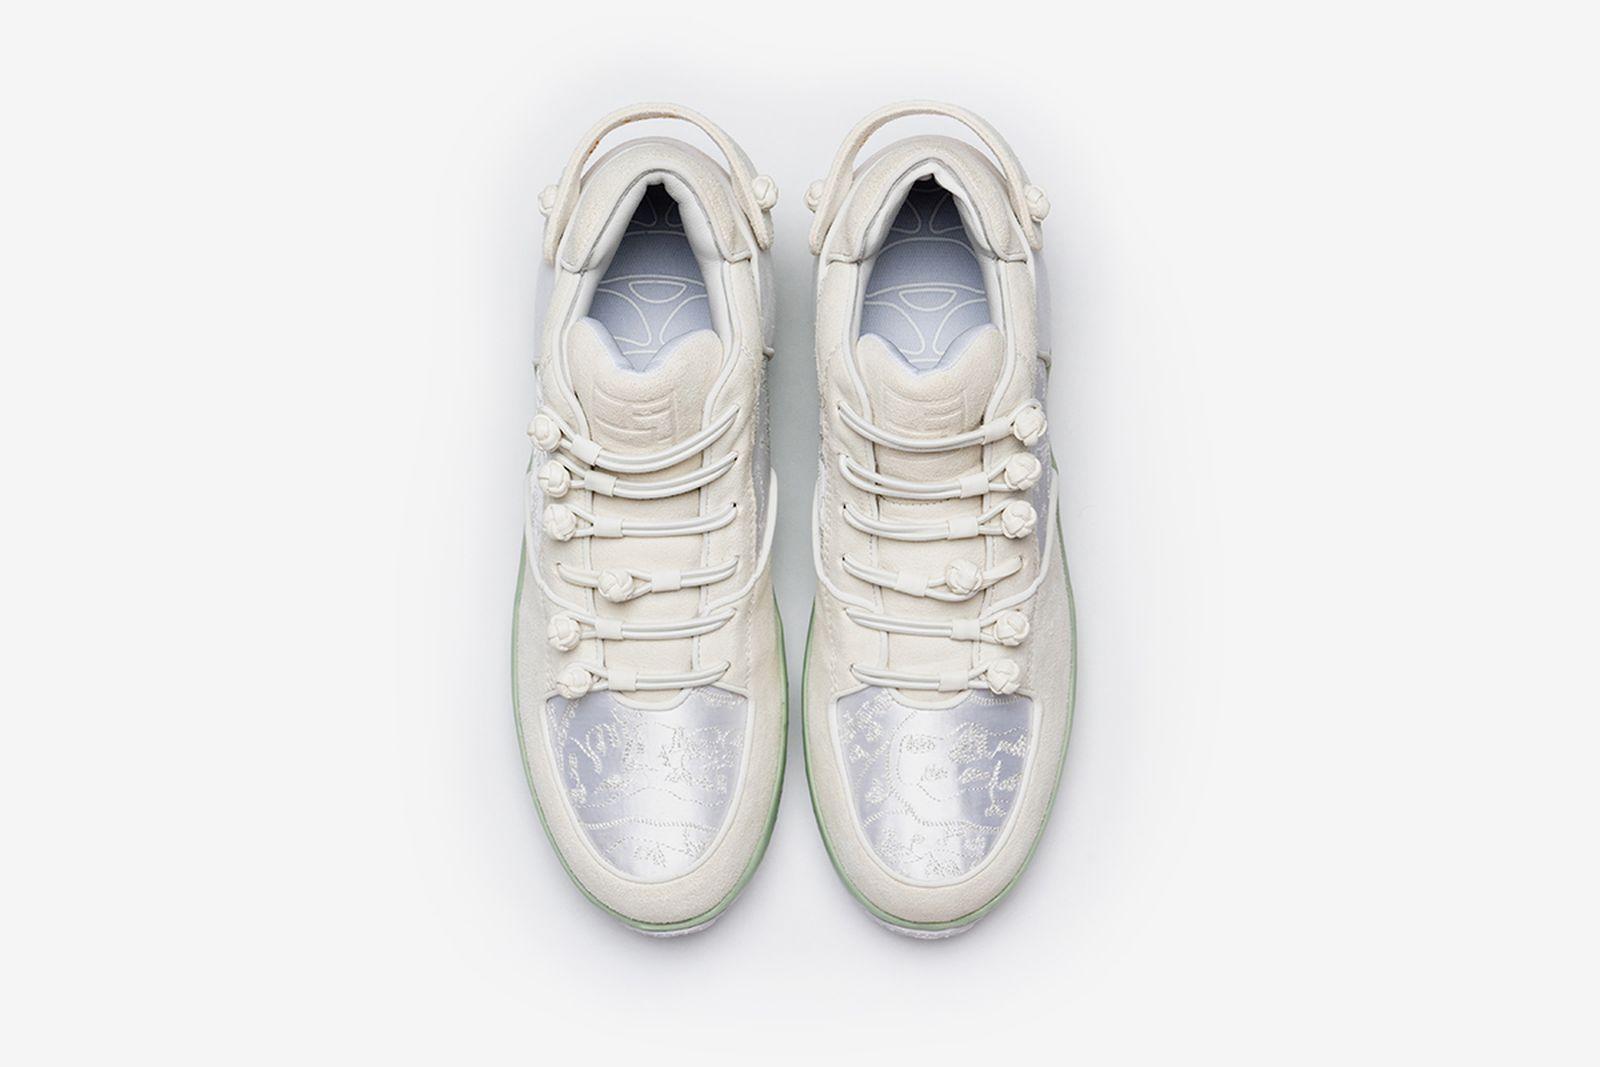 shang-zia-shuneaker-release-date-price-05